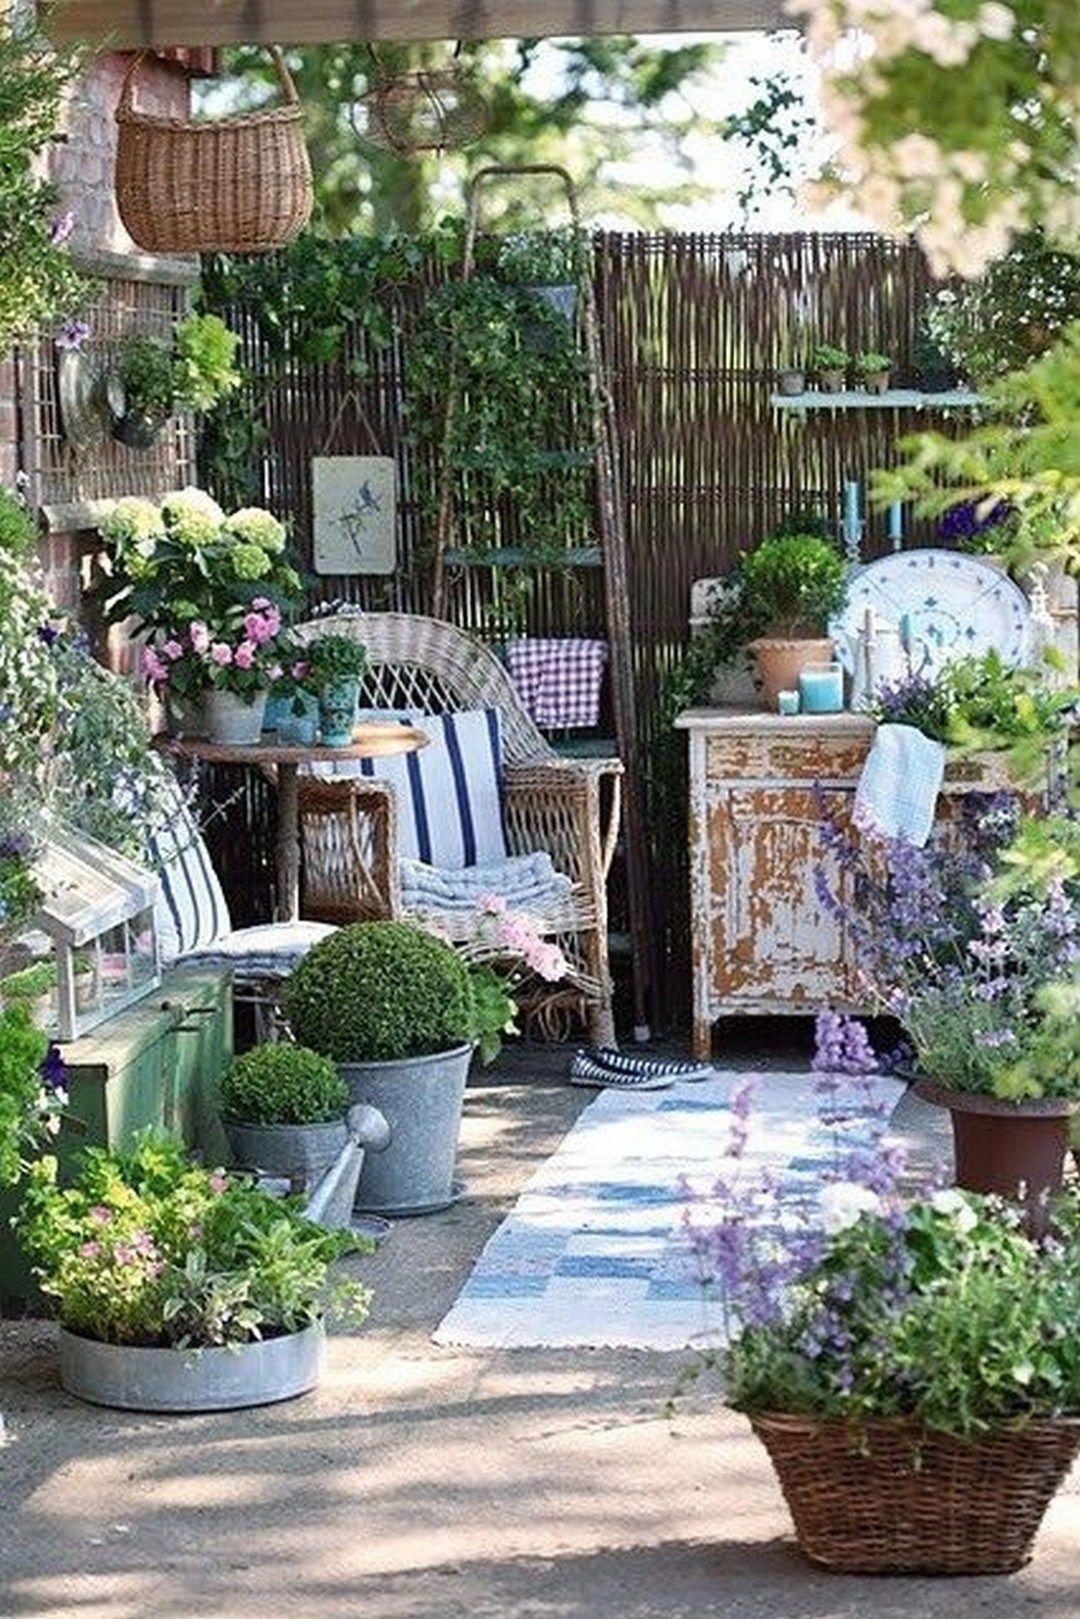 Best Diy Cottage Garden Ideas From Pinterest 28 Gardening